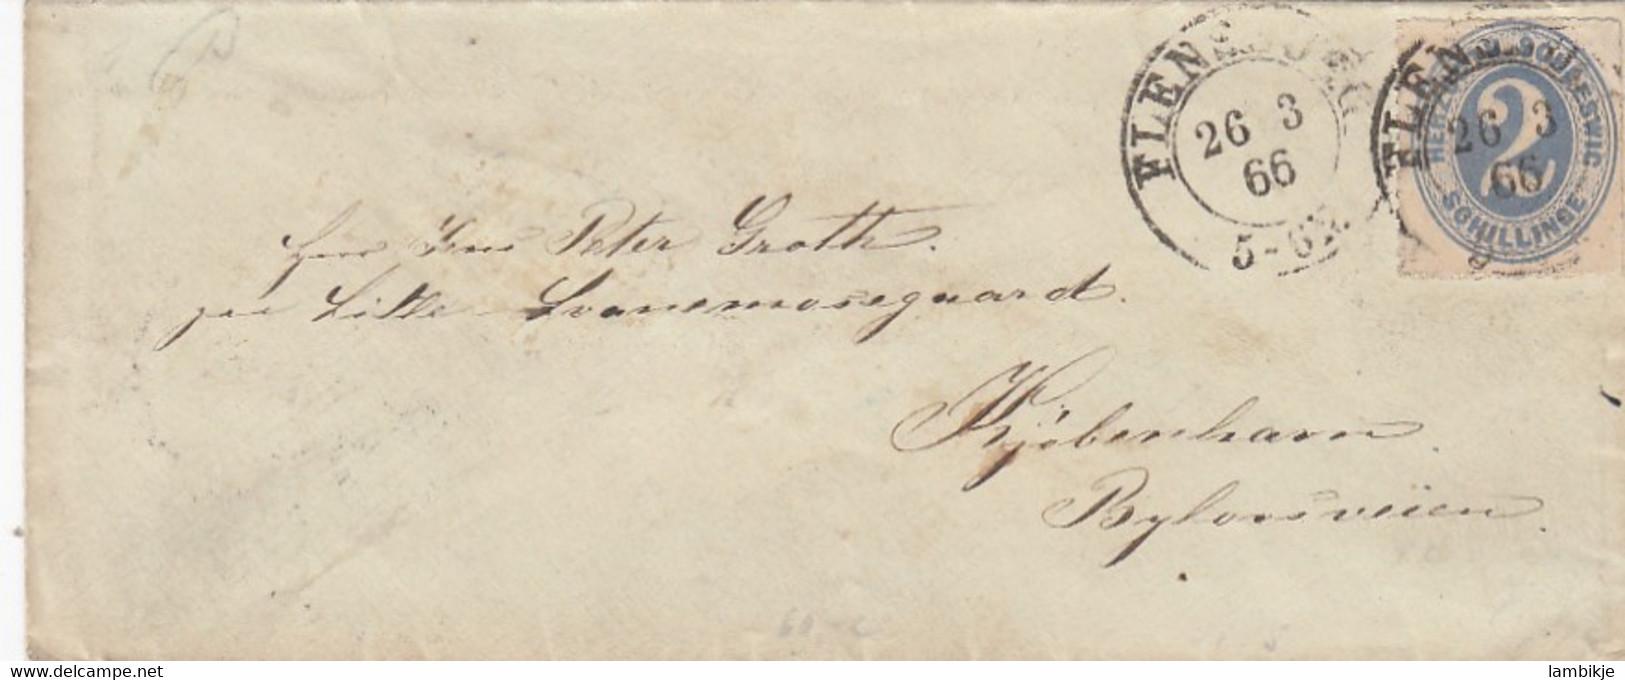 AD Schleswig Holstein Brief P16 1866 - Schleswig-Holstein